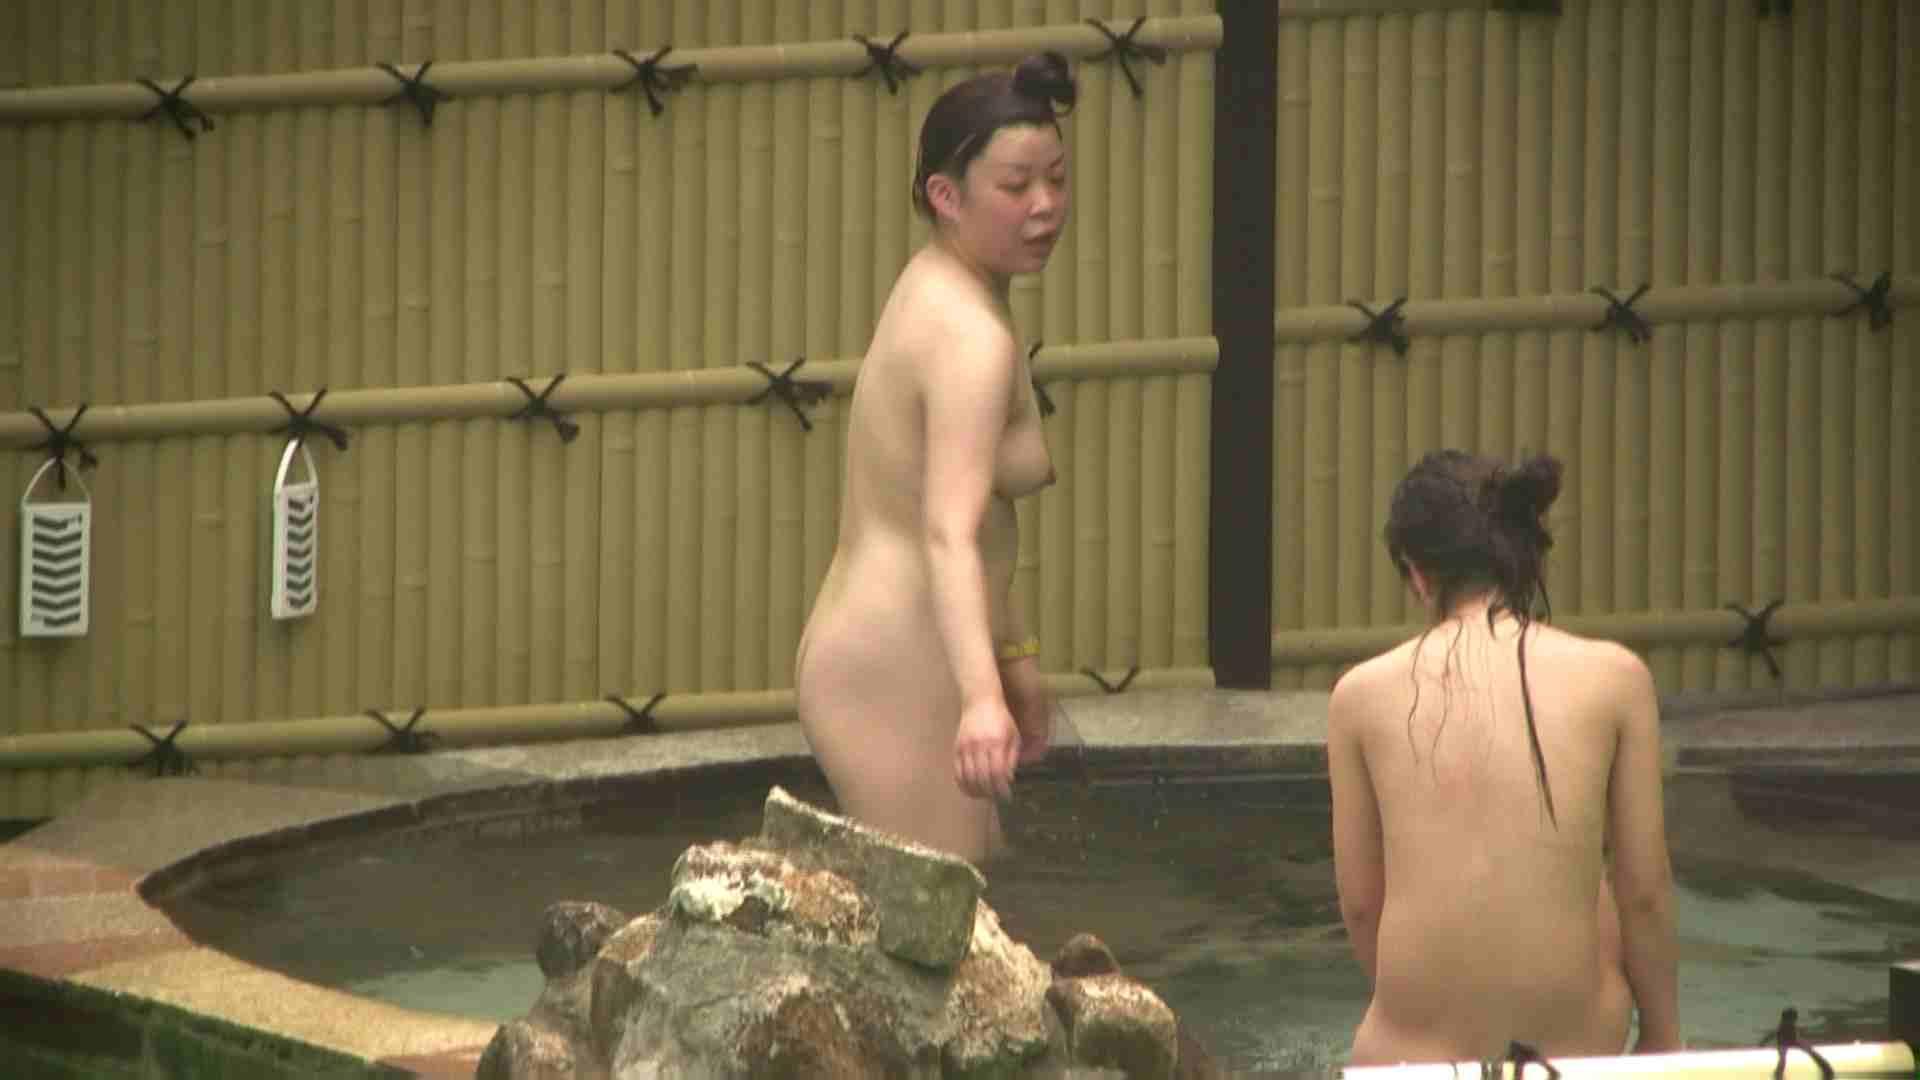 高画質露天女風呂観察 vol.022 入浴隠し撮り  95pic 84